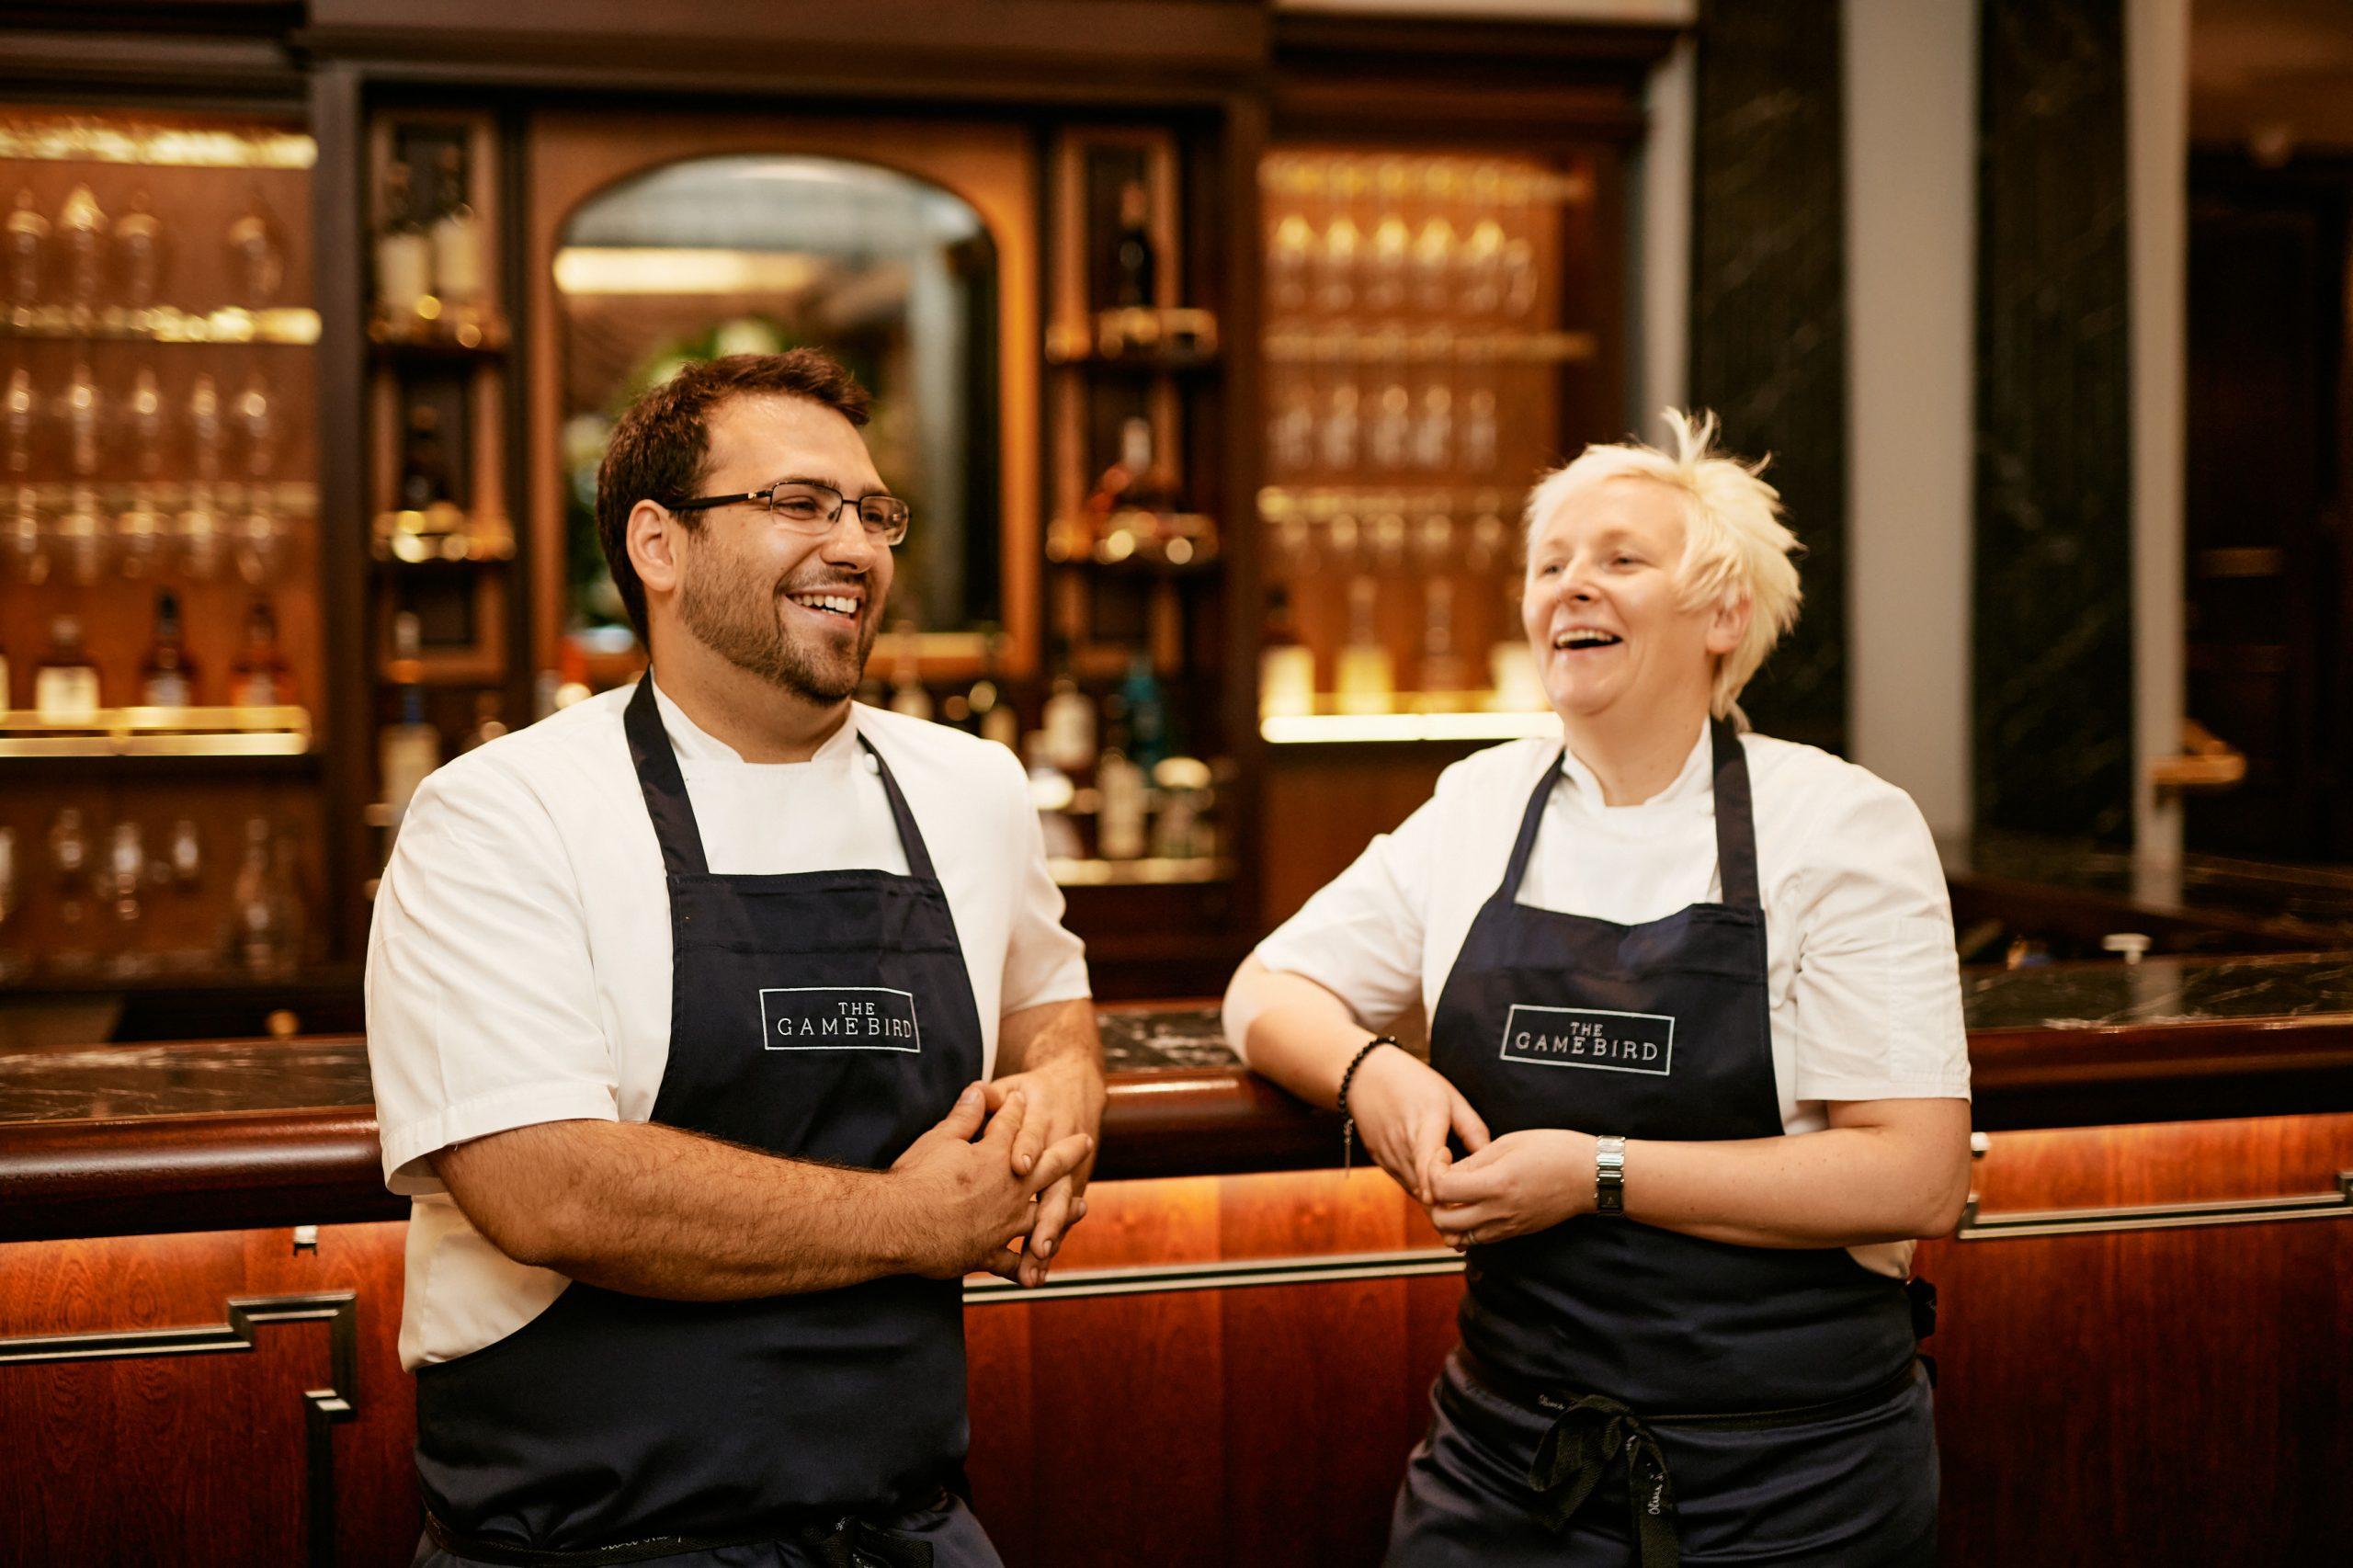 Lisa Goodwin-Allen and Jozef Rogulski: Lisa Goodwin-Allen joins restaurant team at The Stafford London